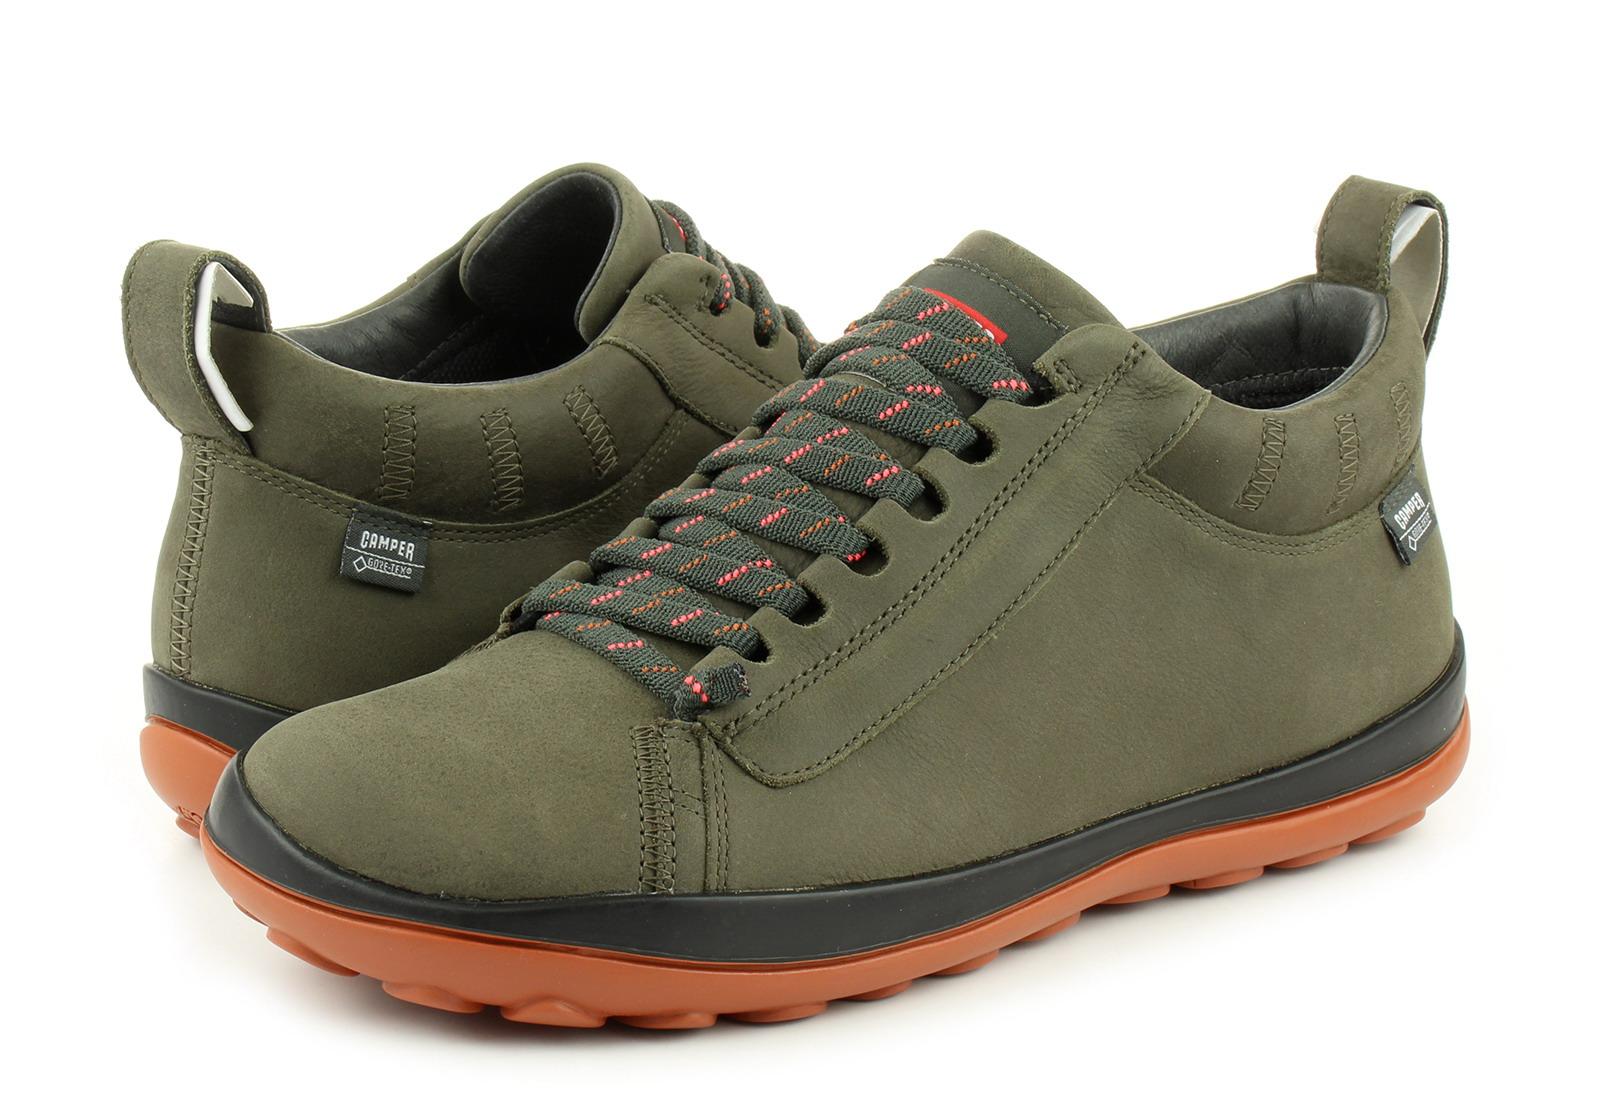 Camper Polbuty Peu Pista 36544 067 Obuwie I Buty Damskie Meskie Dzieciece W Office Shoes